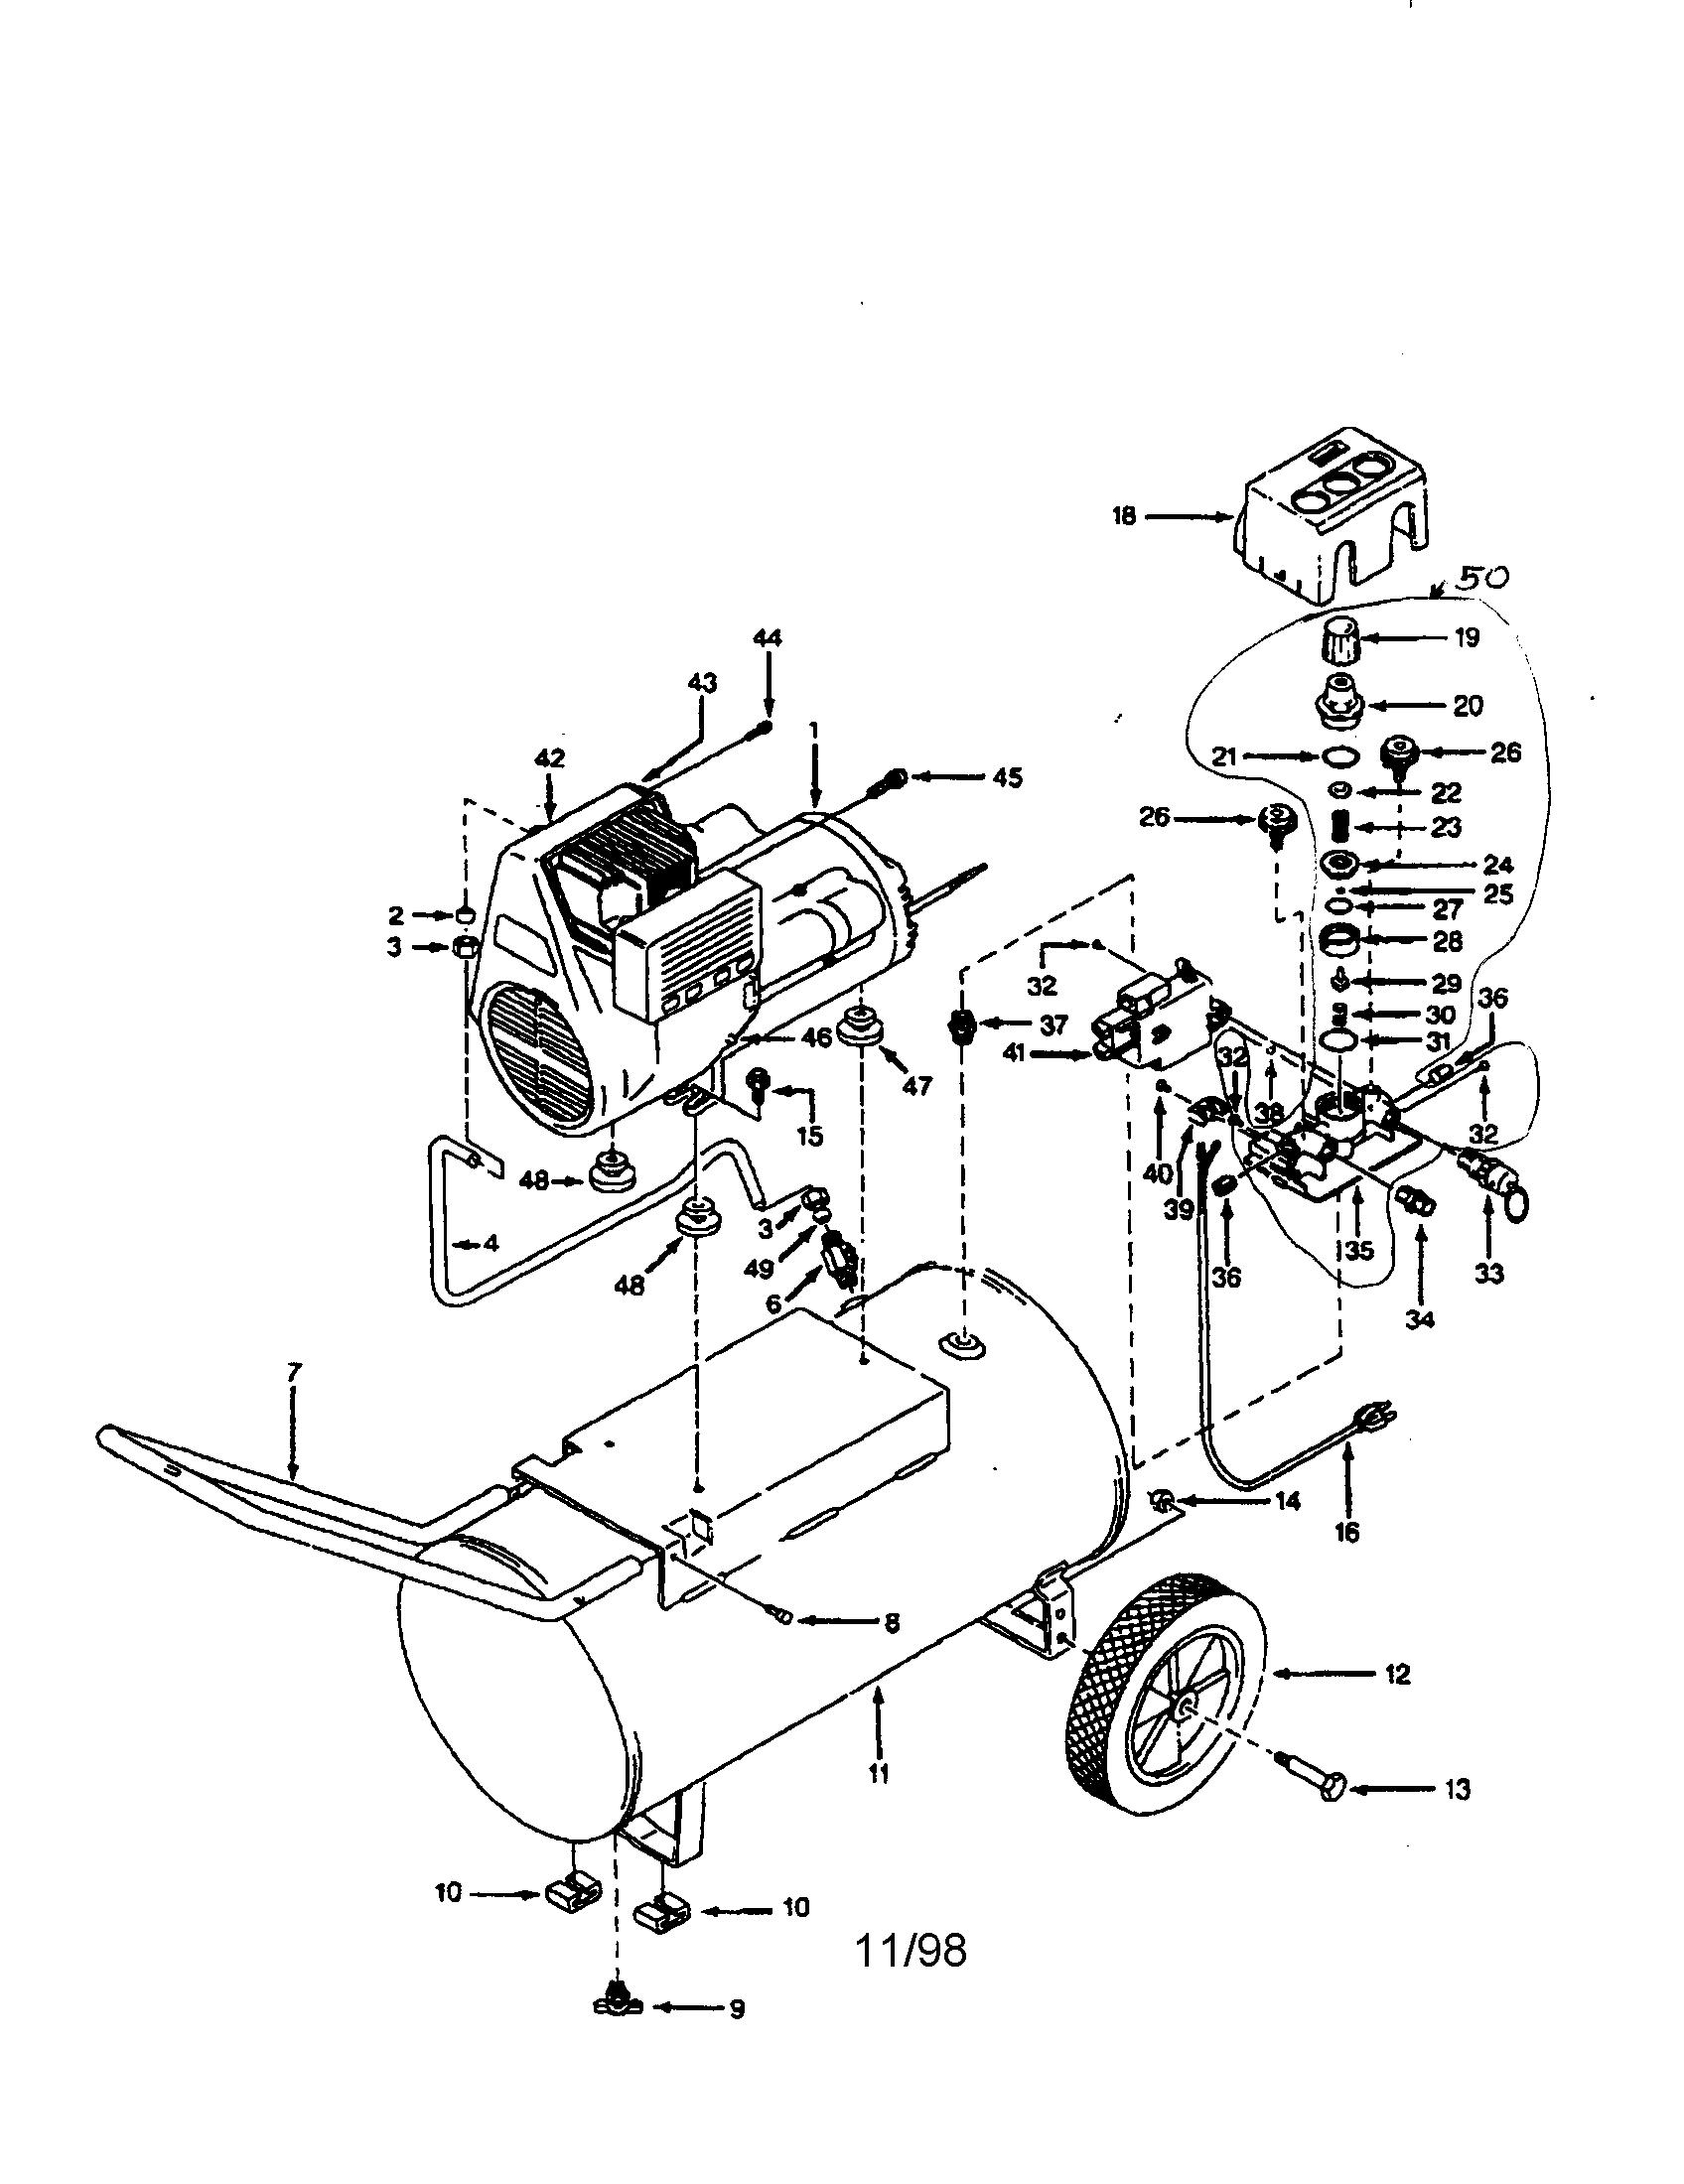 Campbell Hausfeld Air Compressor Parts Diagram Looking For Campbell Hausfeld Model Wl600605 Air Compressor Repair